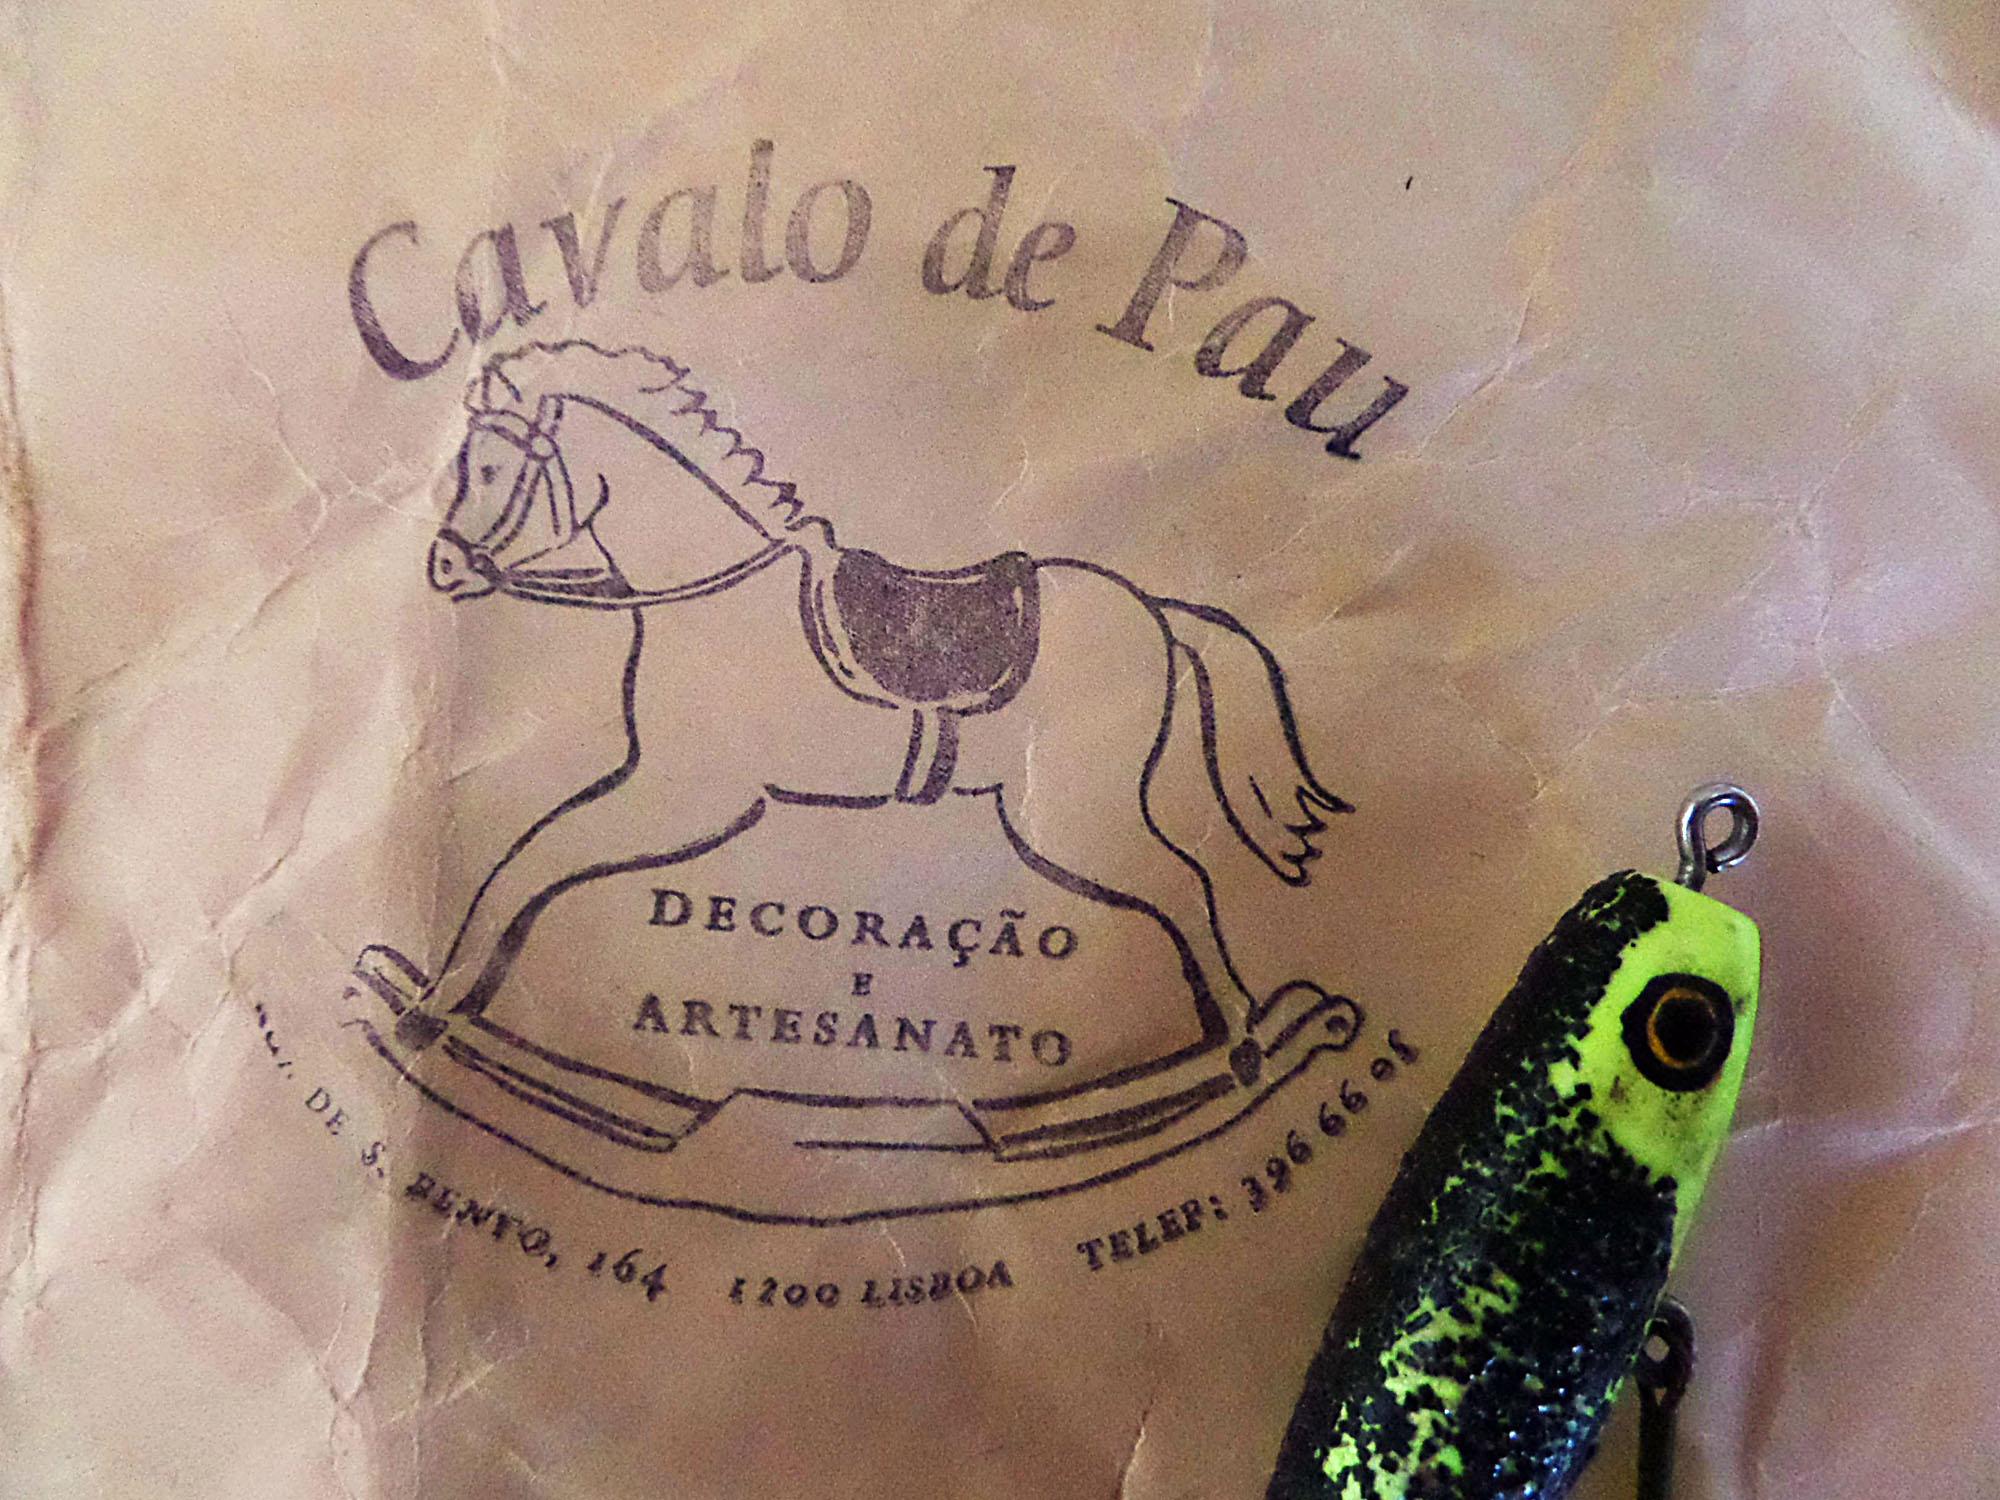 Lisboa_Cavalo_540x405_SAM_3713